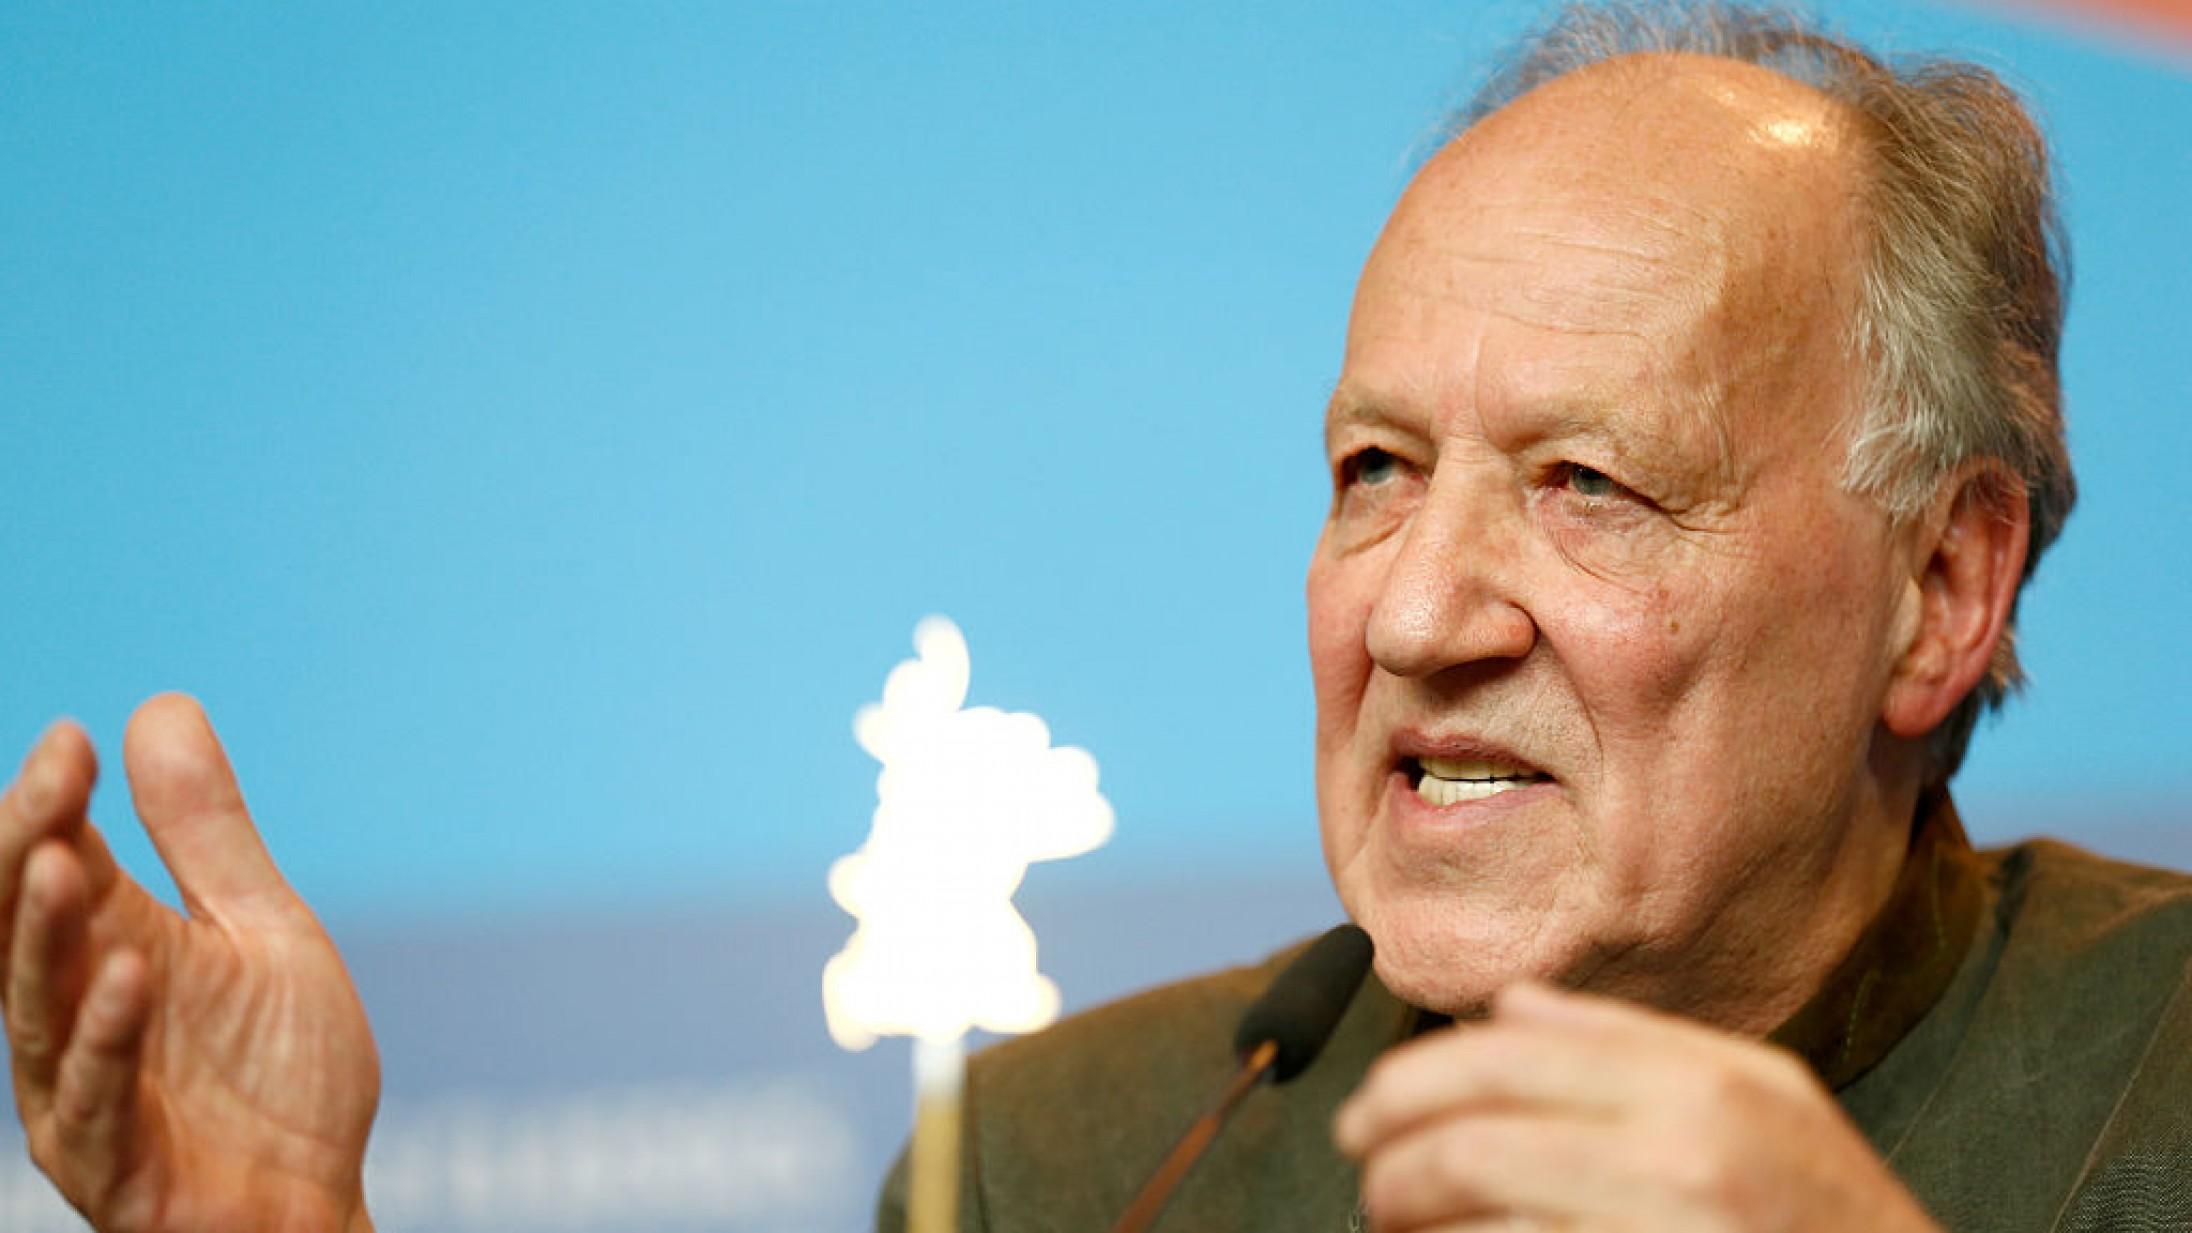 Werner Herzog kommer til Danmark under CPH:DOX